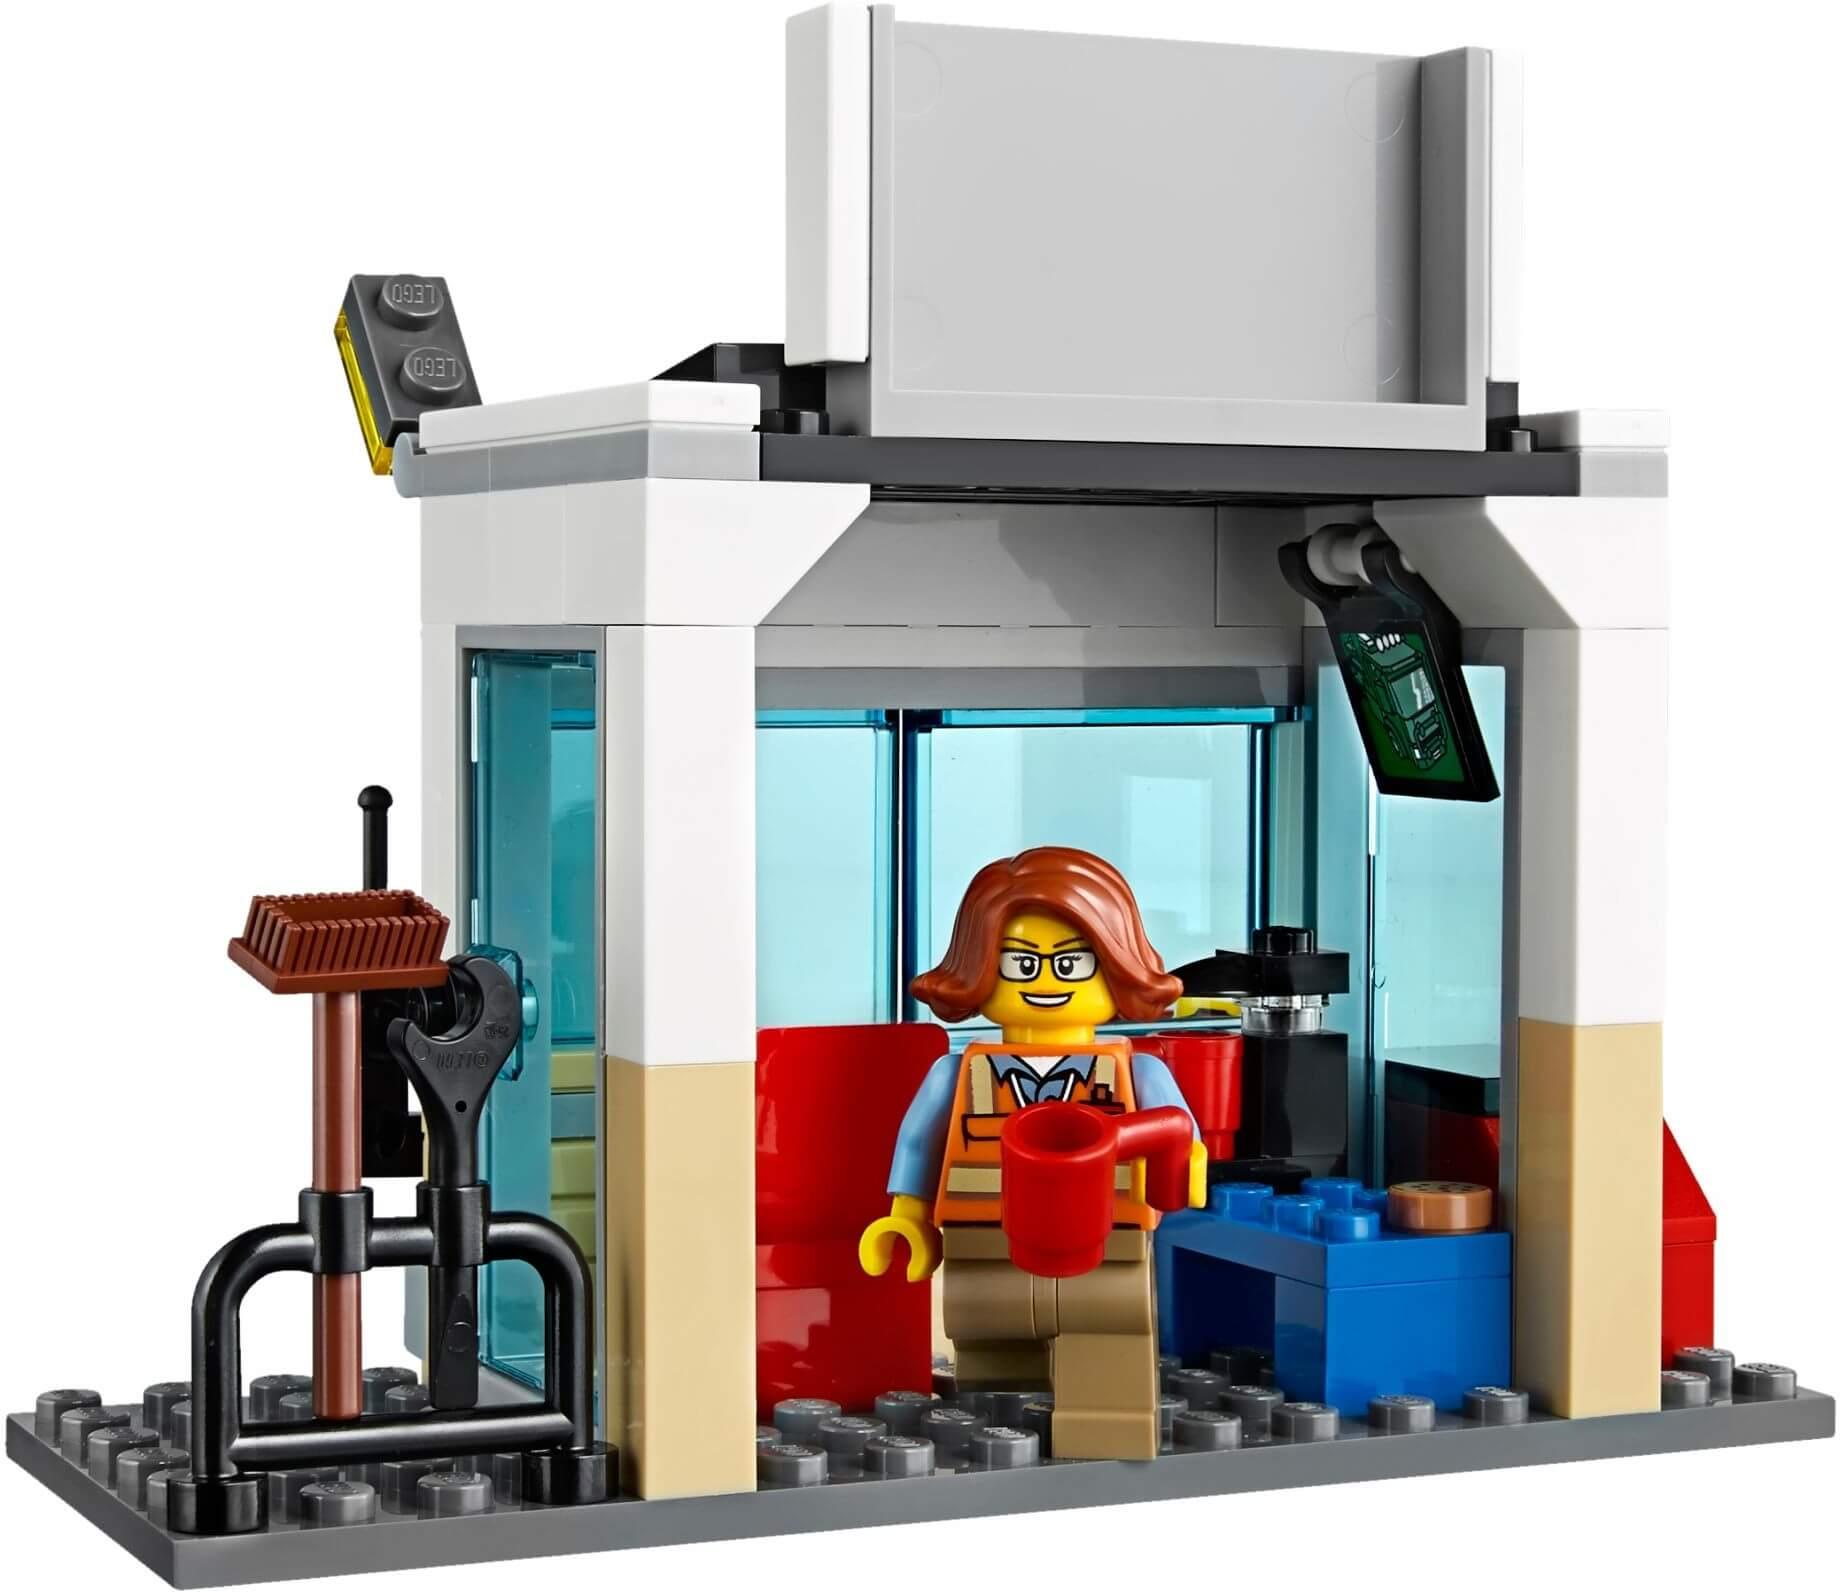 Mua đồ chơi LEGO 60169 - LEGO City 60169 - Trạm Xe Container (LEGO City Town Cargo Terminal)